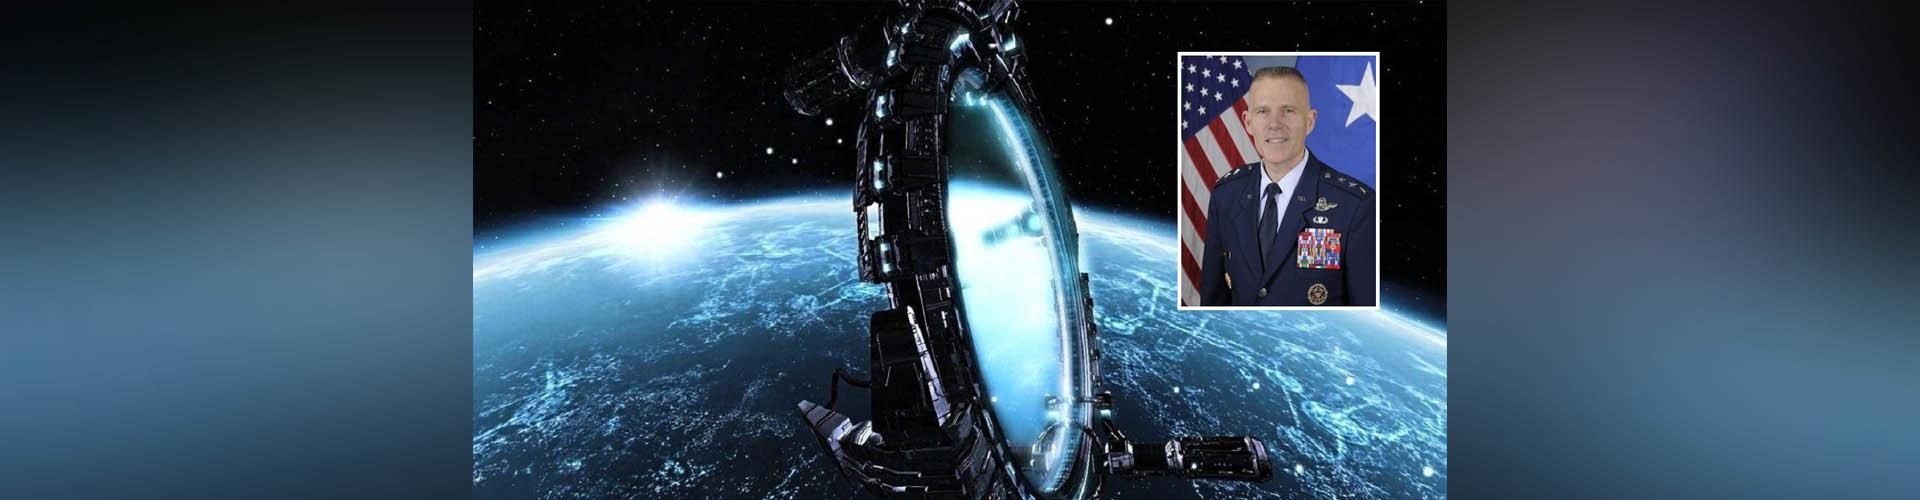 (VIDEO)  Comandante asegura que EE.UU. tiene la tecnología para teletransportar personas